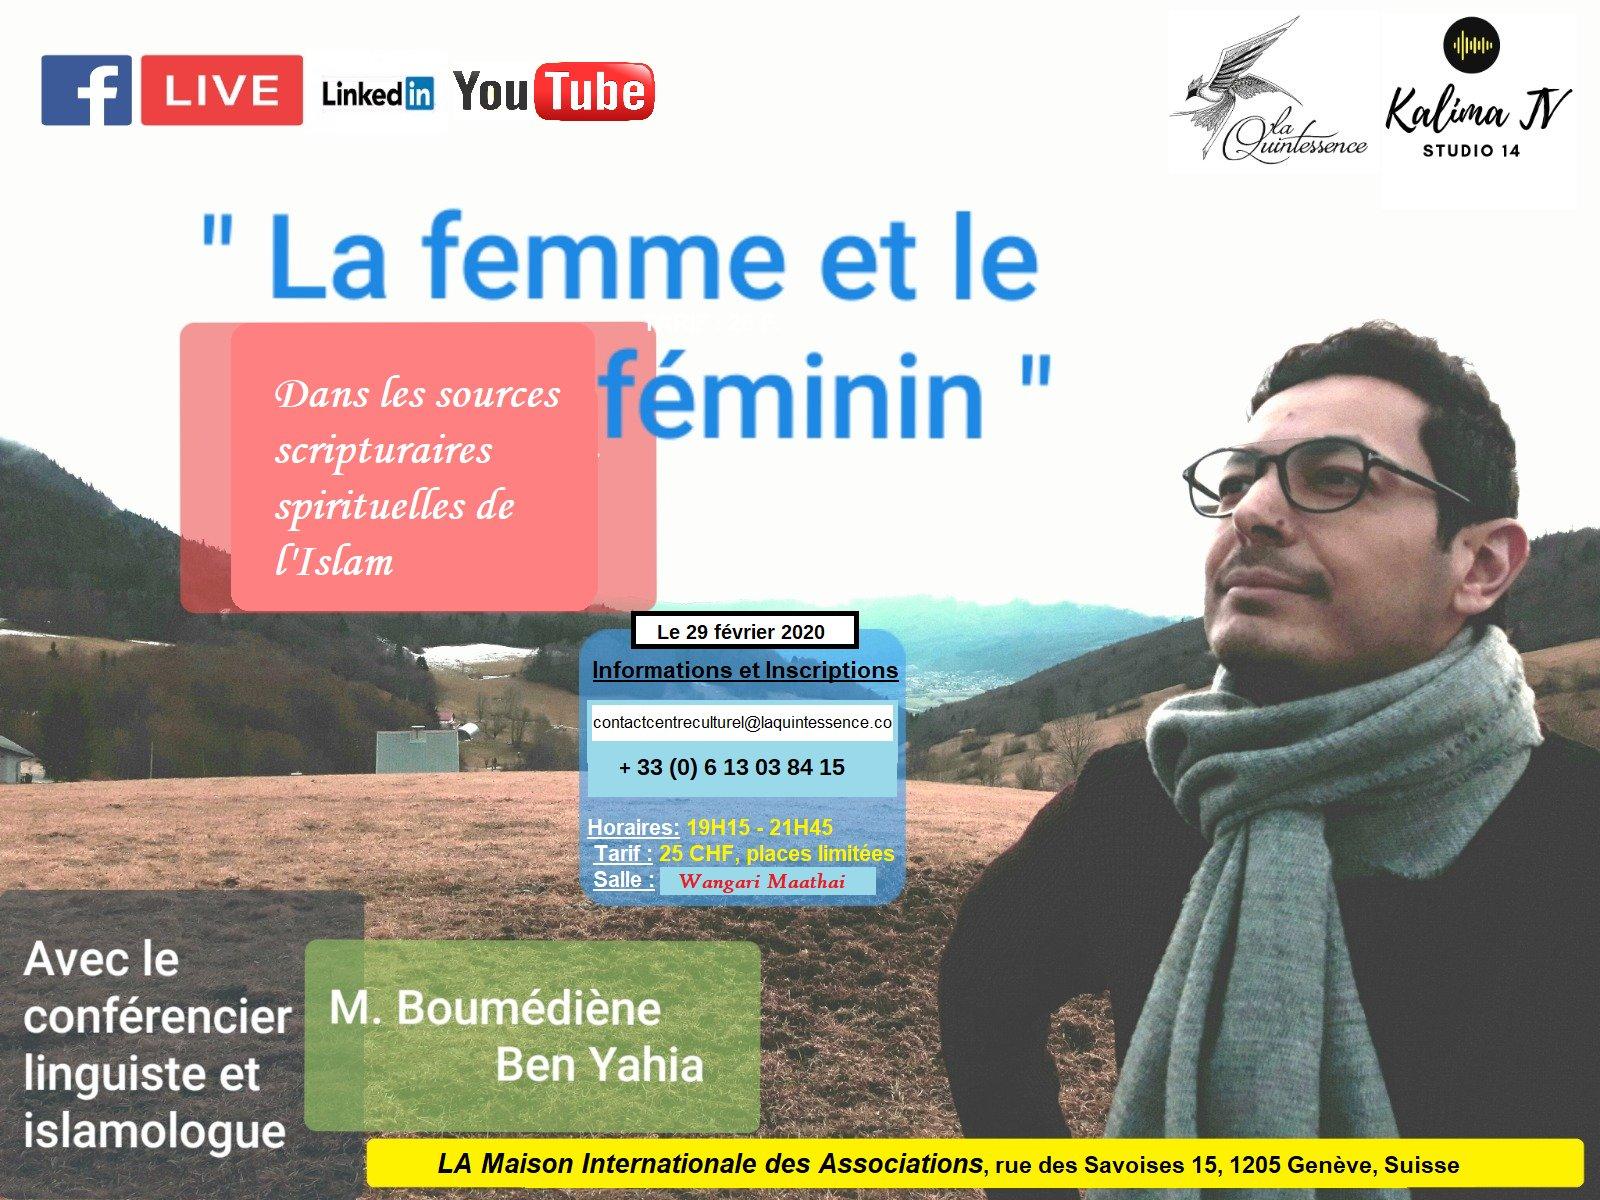 https://www.saphirnews.com/agenda/La-femme-et-le-Feminin-dans-les-sources-scripturaires-spirituelles-de-l-islam_ae691269.html